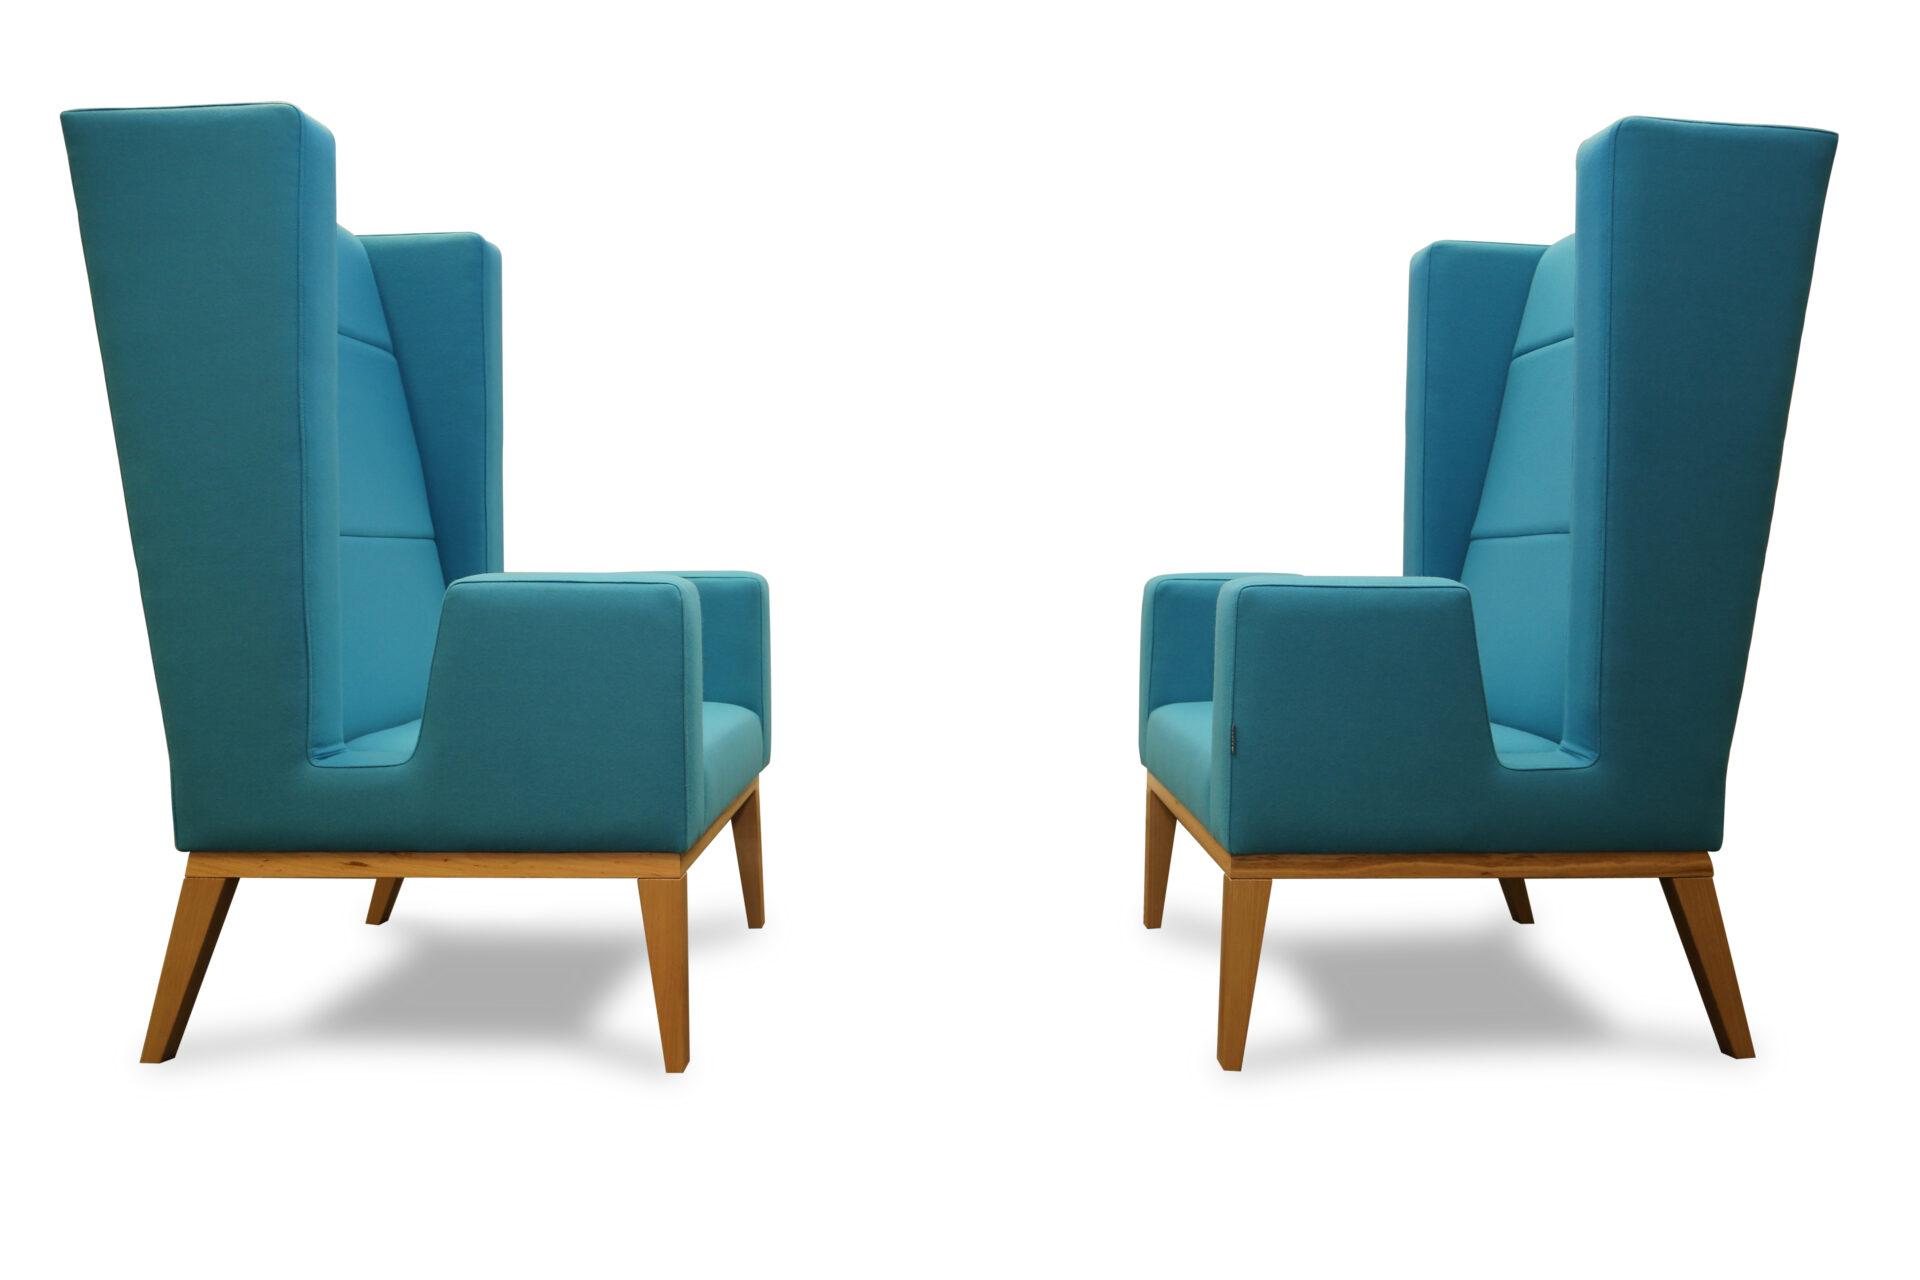 Estillo Chair